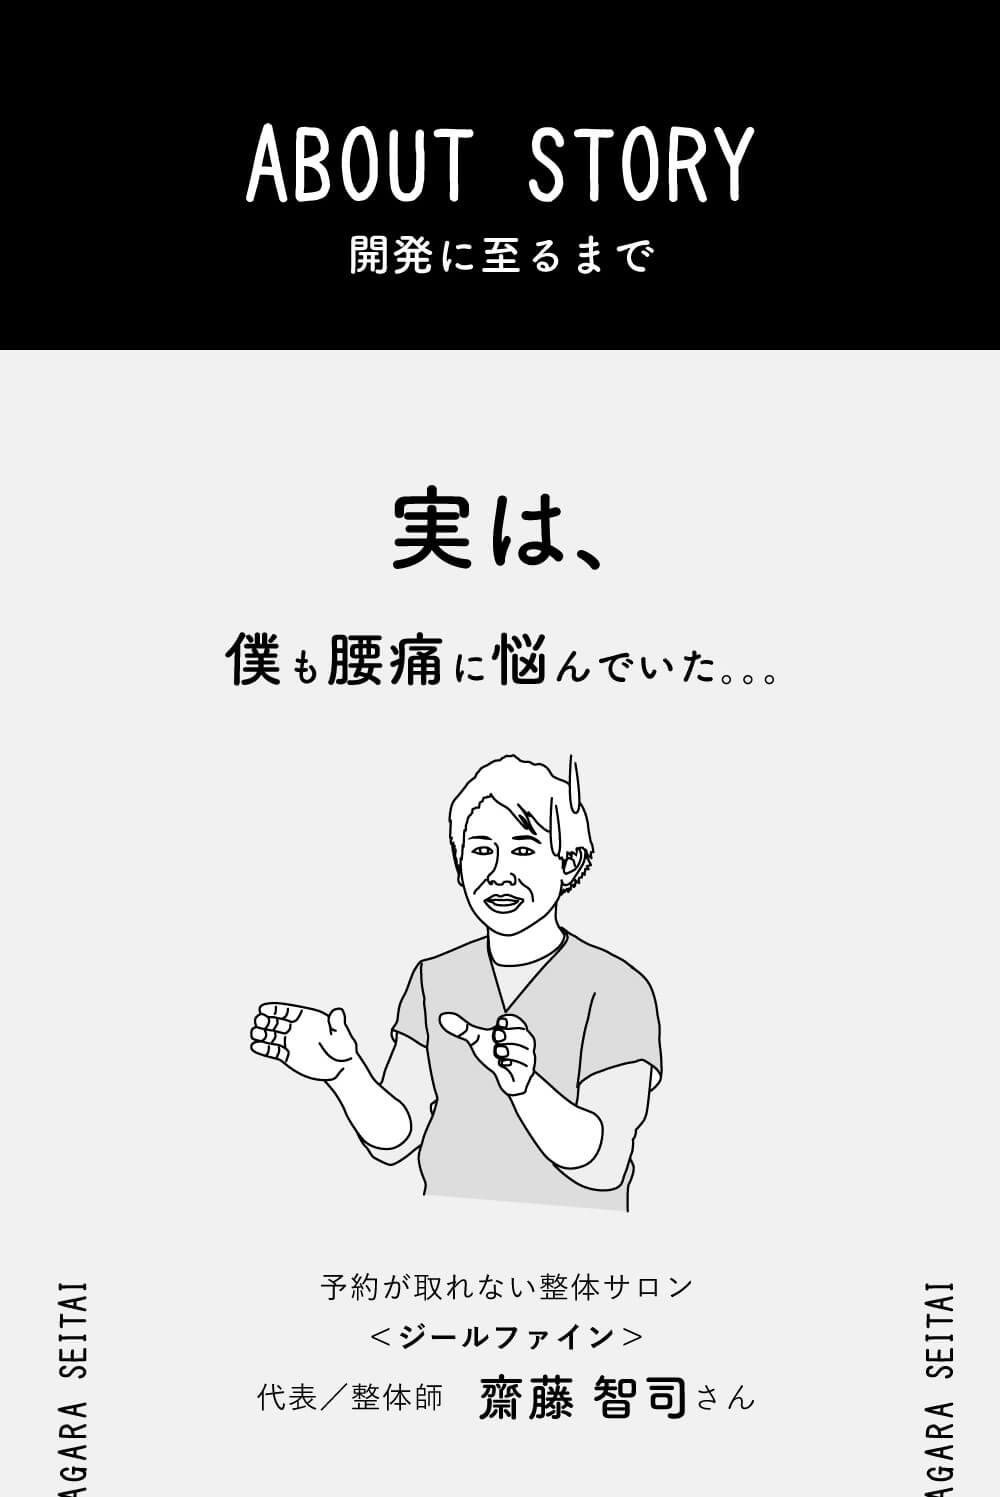 実は開発者 整体師 齋藤智司さんご自身も腰痛に悩んでいました…